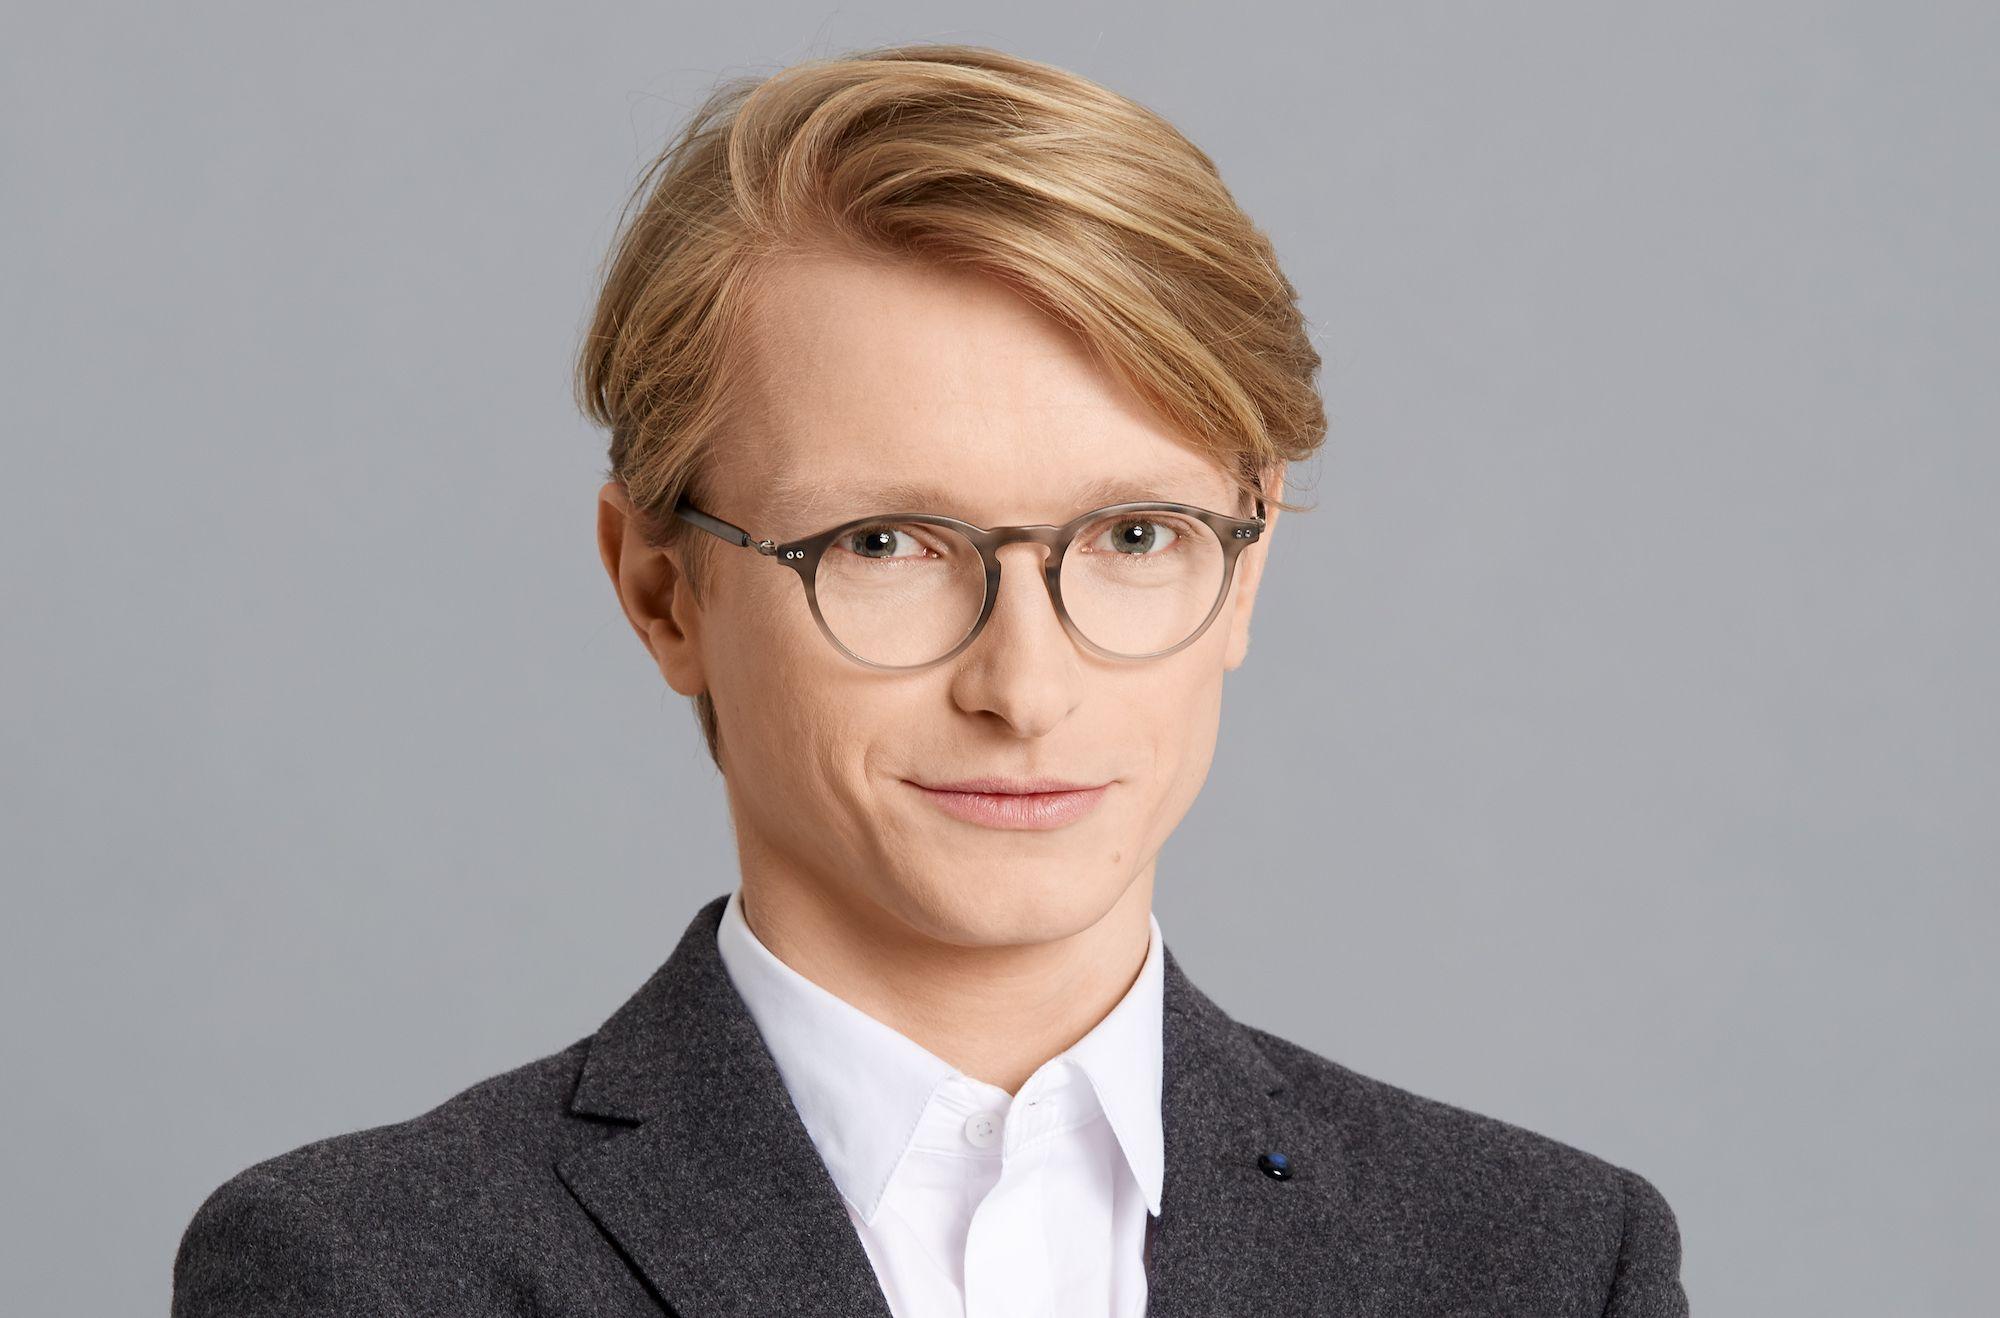 Paweł Heba nadal będzie sprawował funkcję dyrektora kreatywnego w grupie Empik. (Fot. mat. pras.)